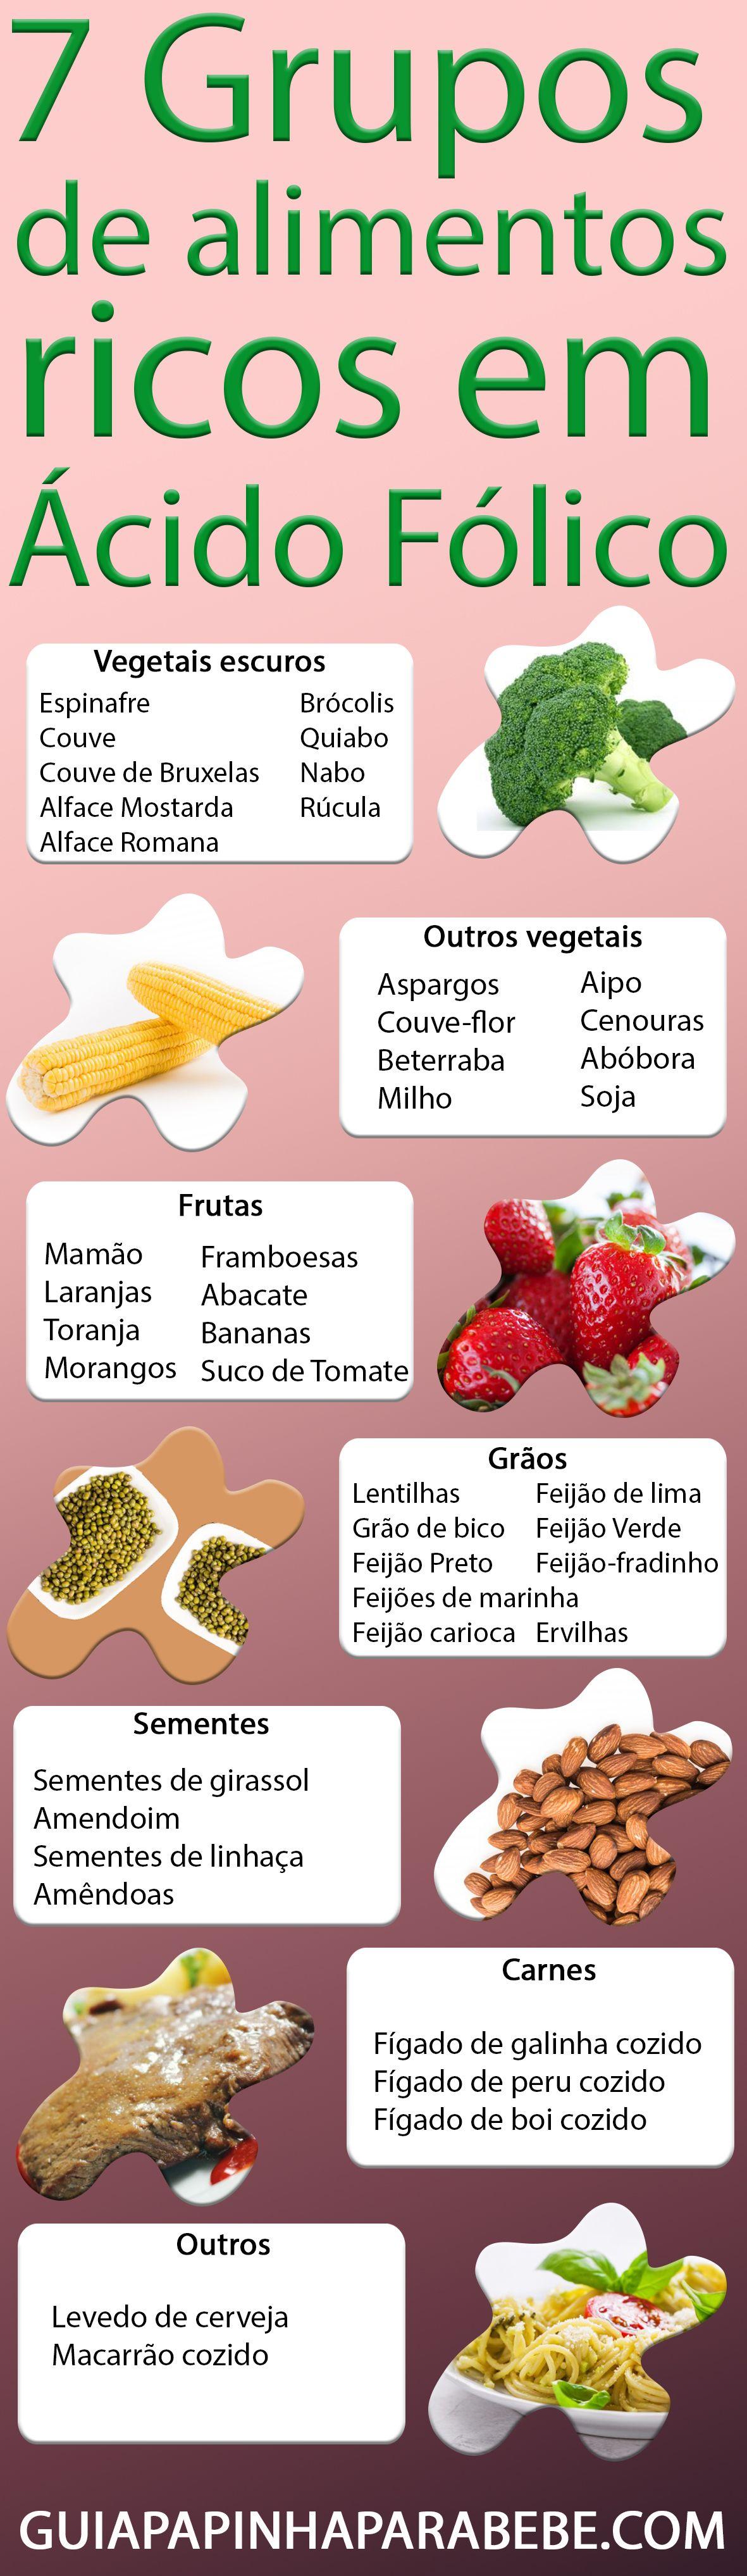 Infografico 7 Grupos De Alimentos Para Garantir O Acido Folico Na